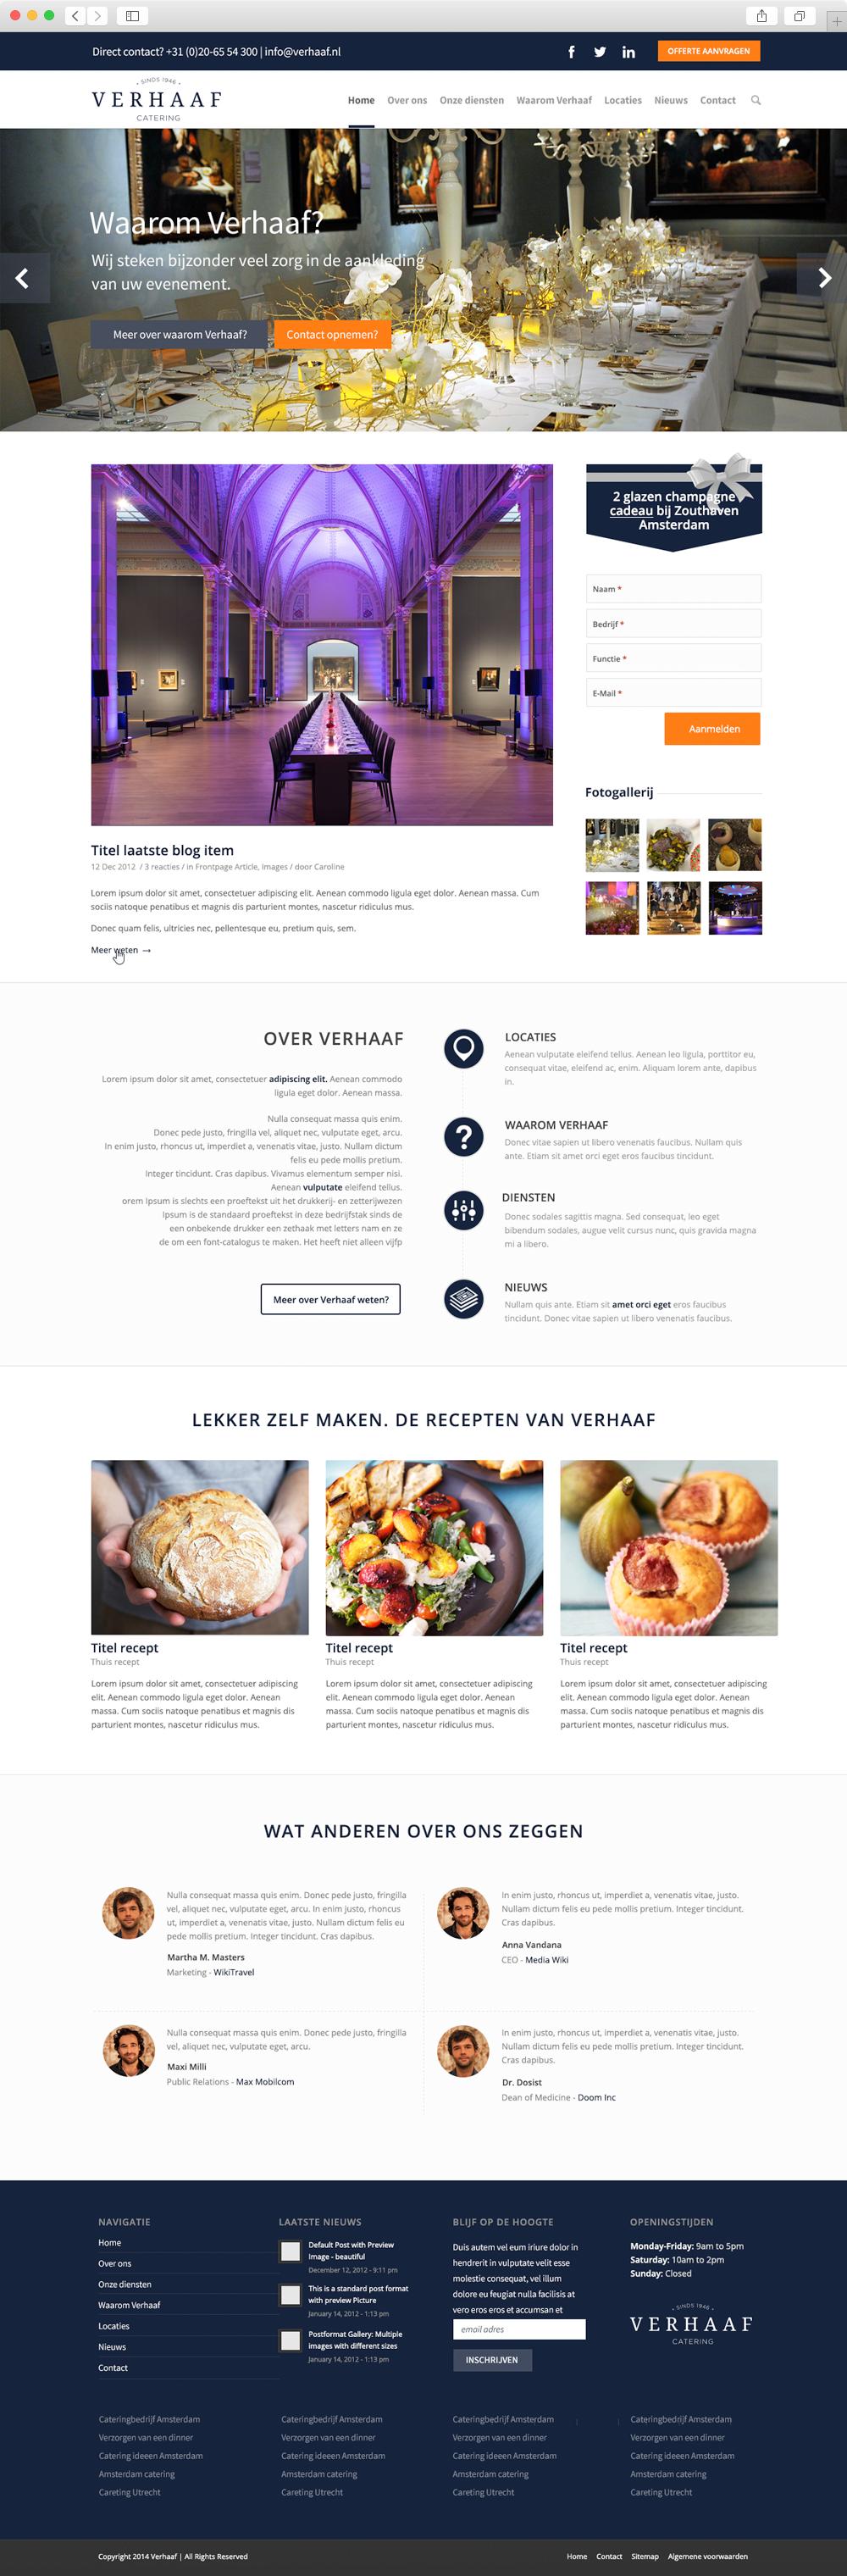 Verhaaf_Homepage_Green_Creatives